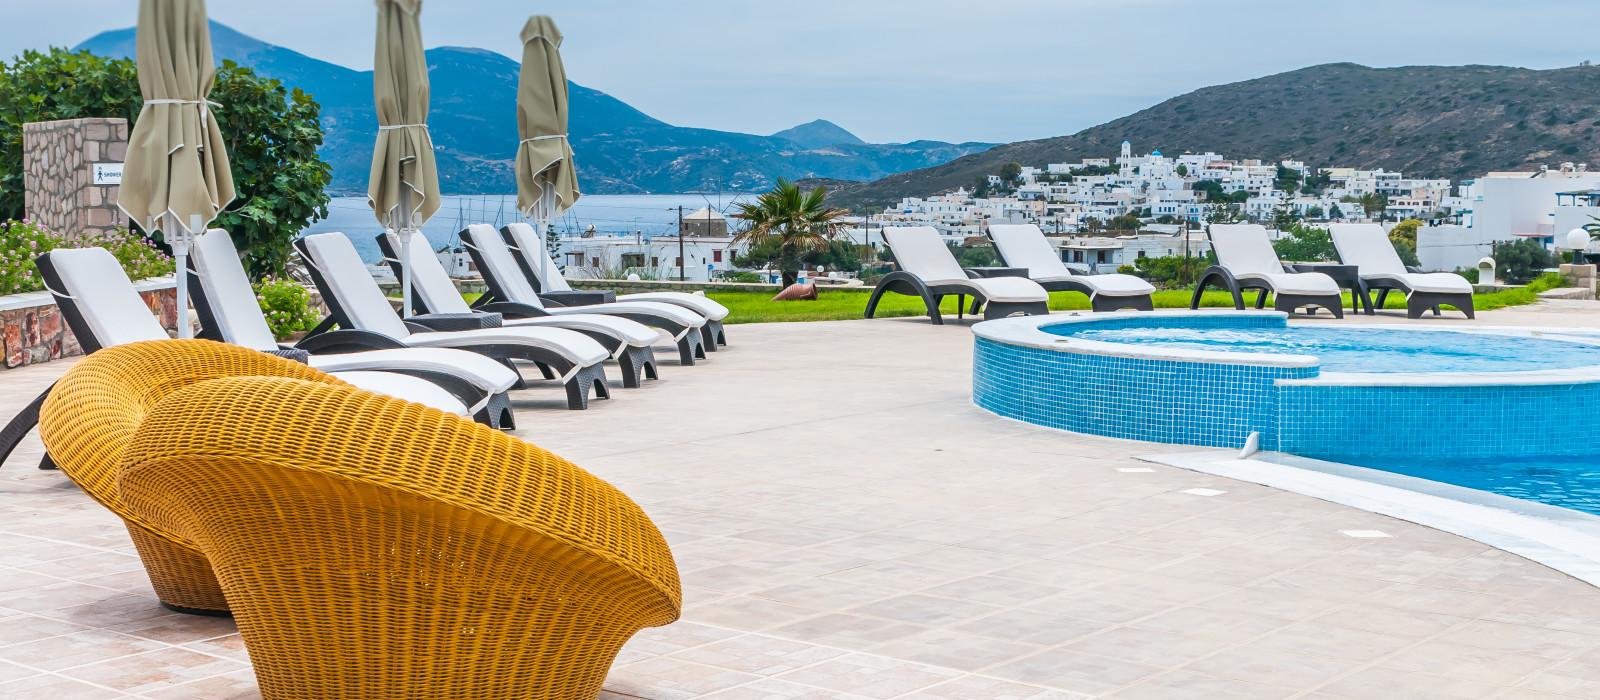 Hotel Santa Maria Village Resort & Spa Greece